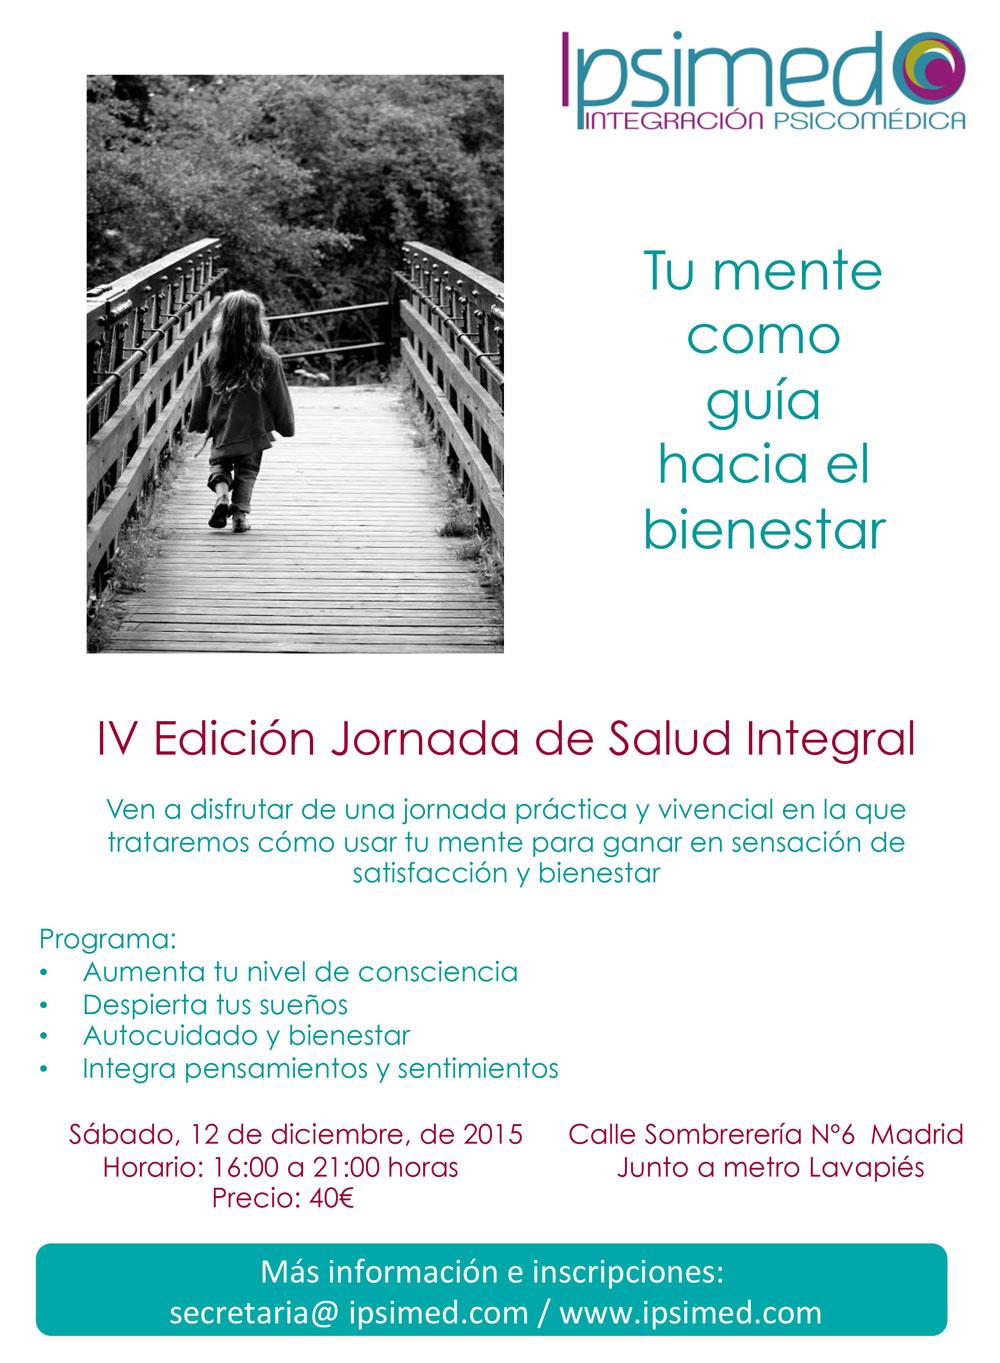 IV Jornada Salud Integral Ipsimed